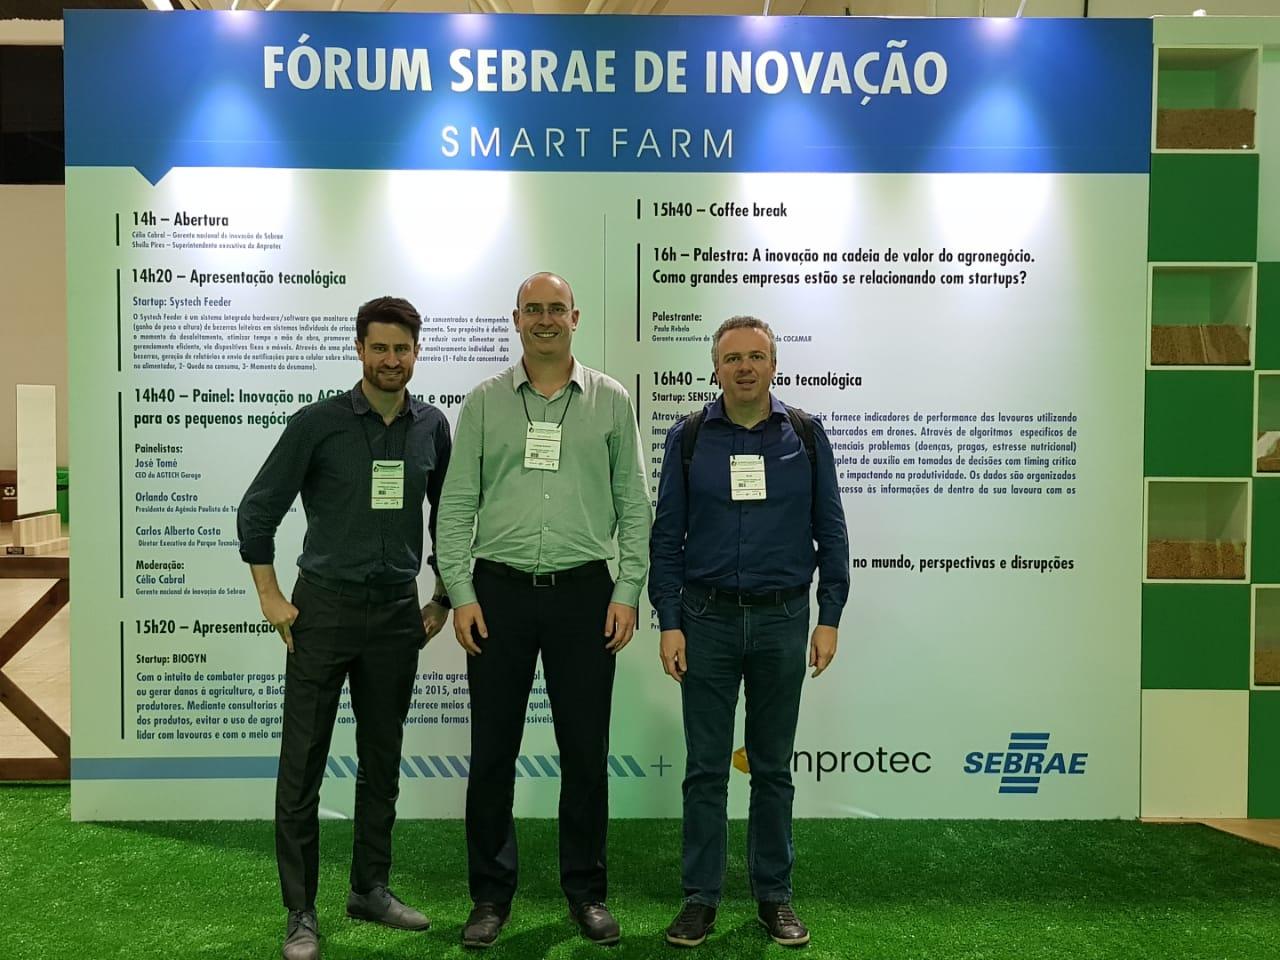 Foto horizontal colorida mostrando Tiago Marchezan, Luciano Schuch e Silon Procath em frente a um banner do Fórum Sebrae de Inovação